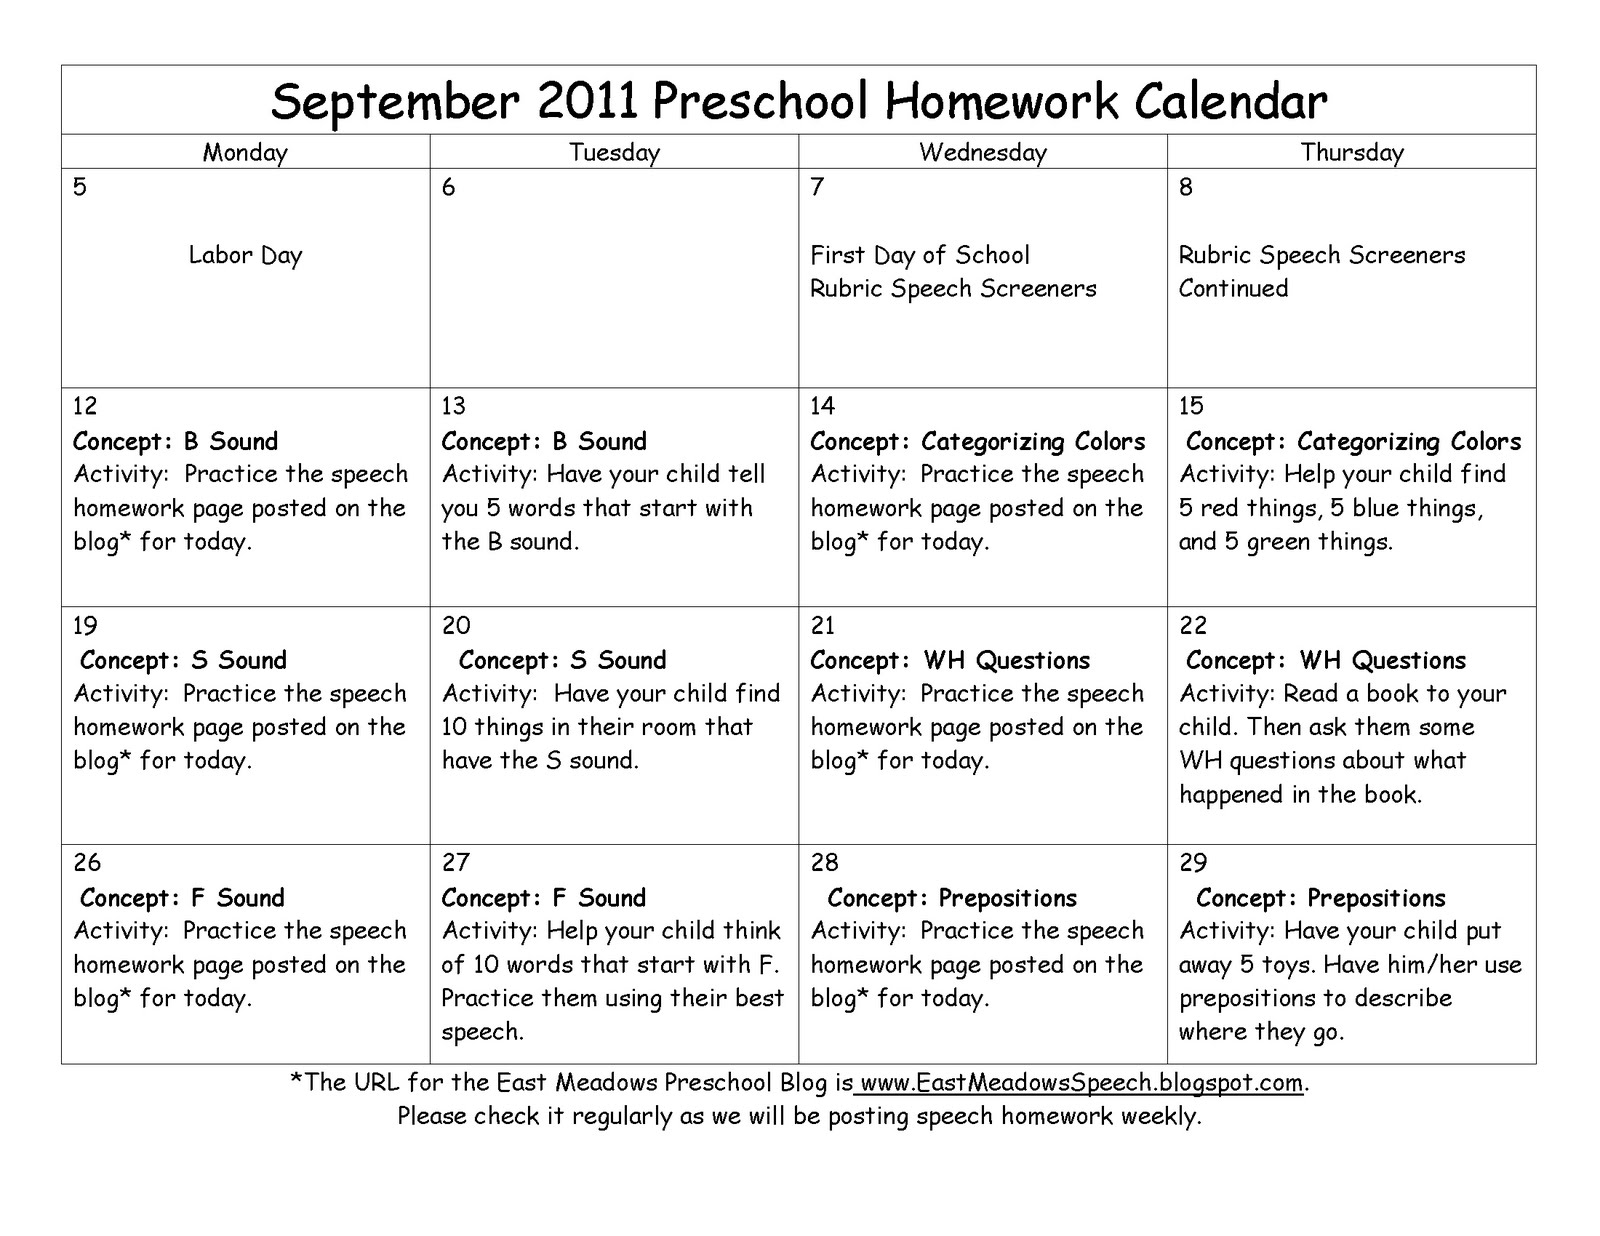 East Meadows Speech September Speech Homework Calendar